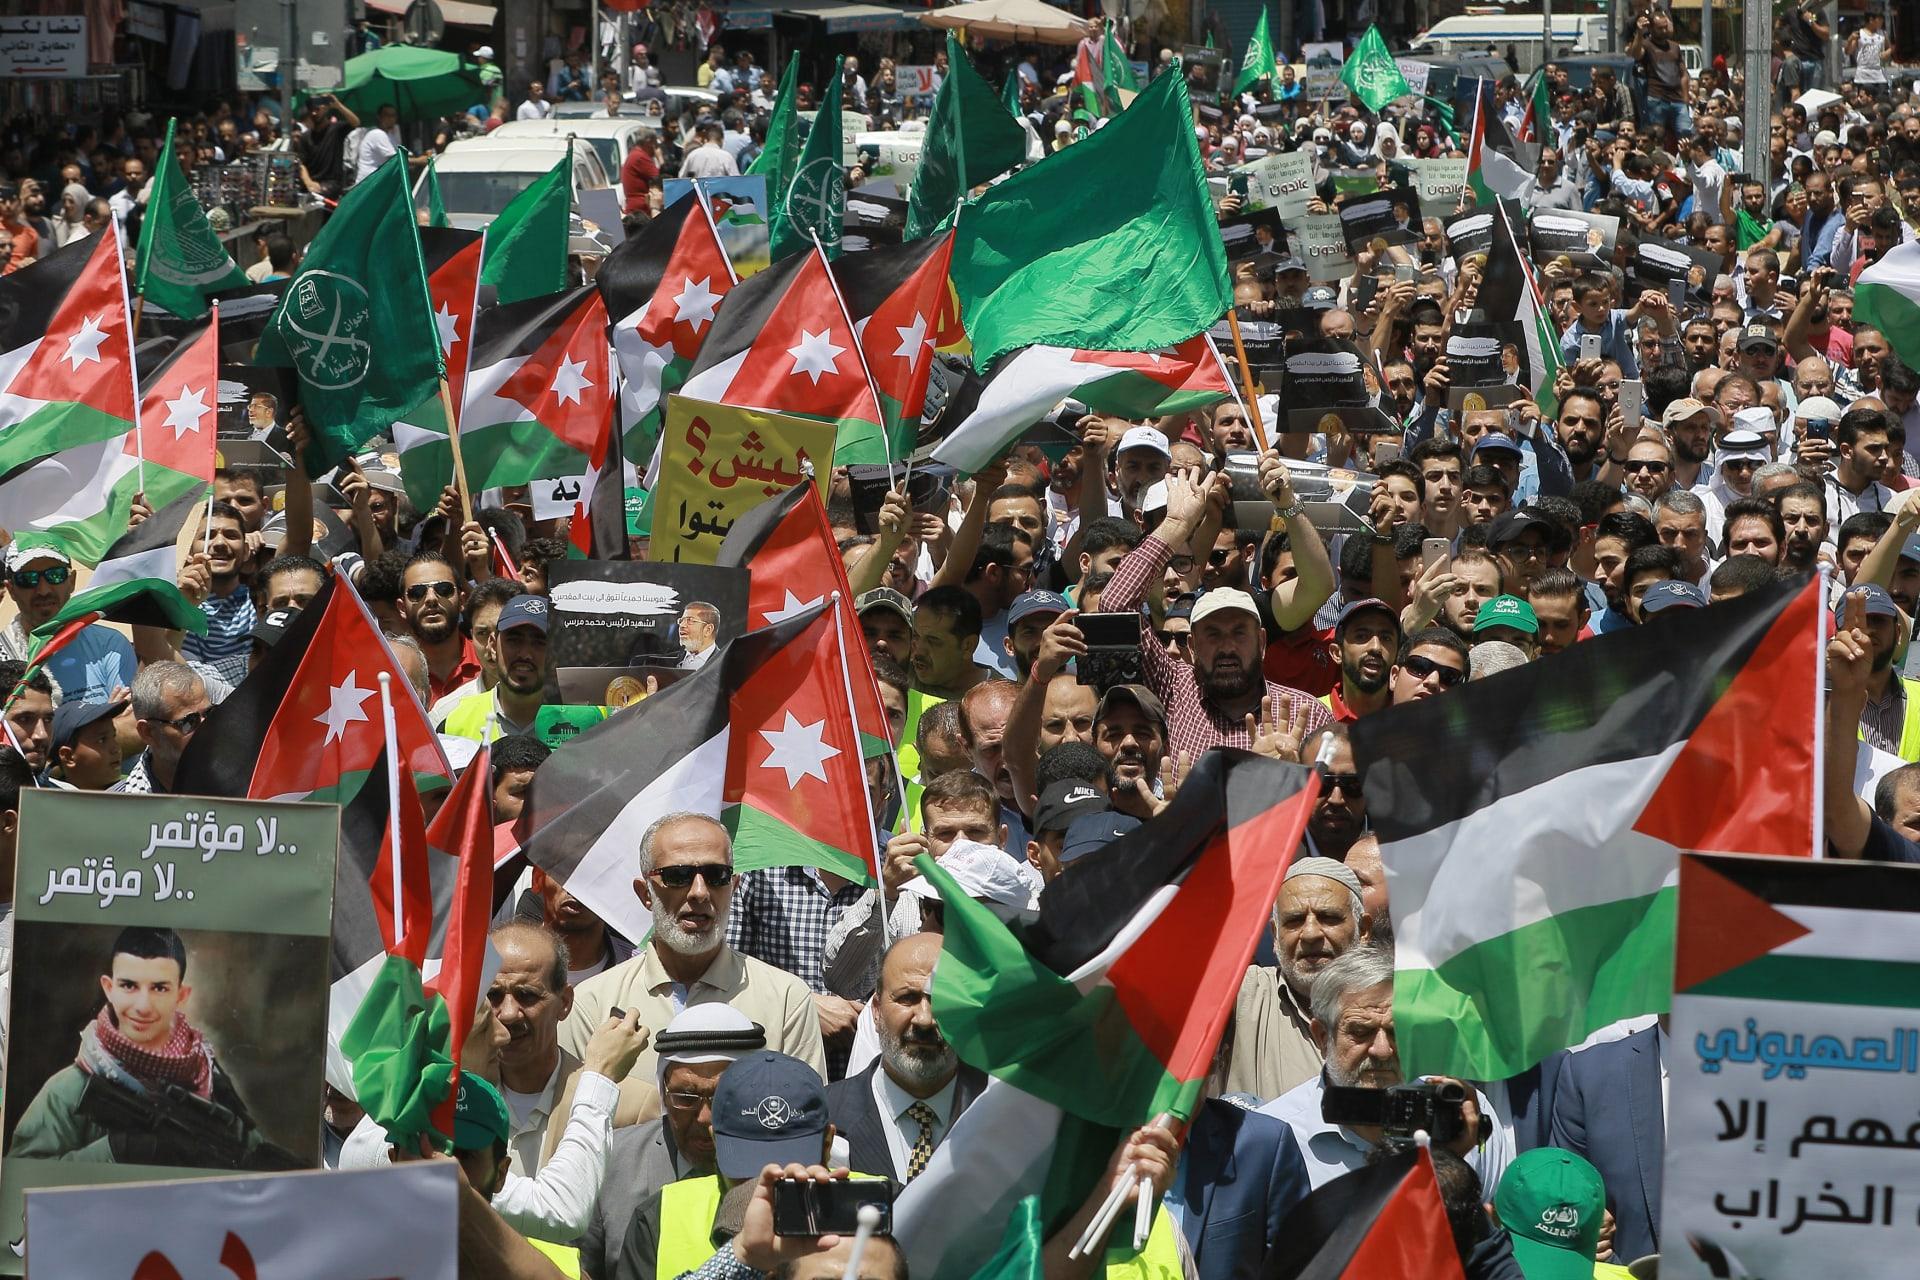 مظاهرات لجماعة الإخوان المسلمين في العاصمة الأردنية عمان - يونيو حزيران 2019